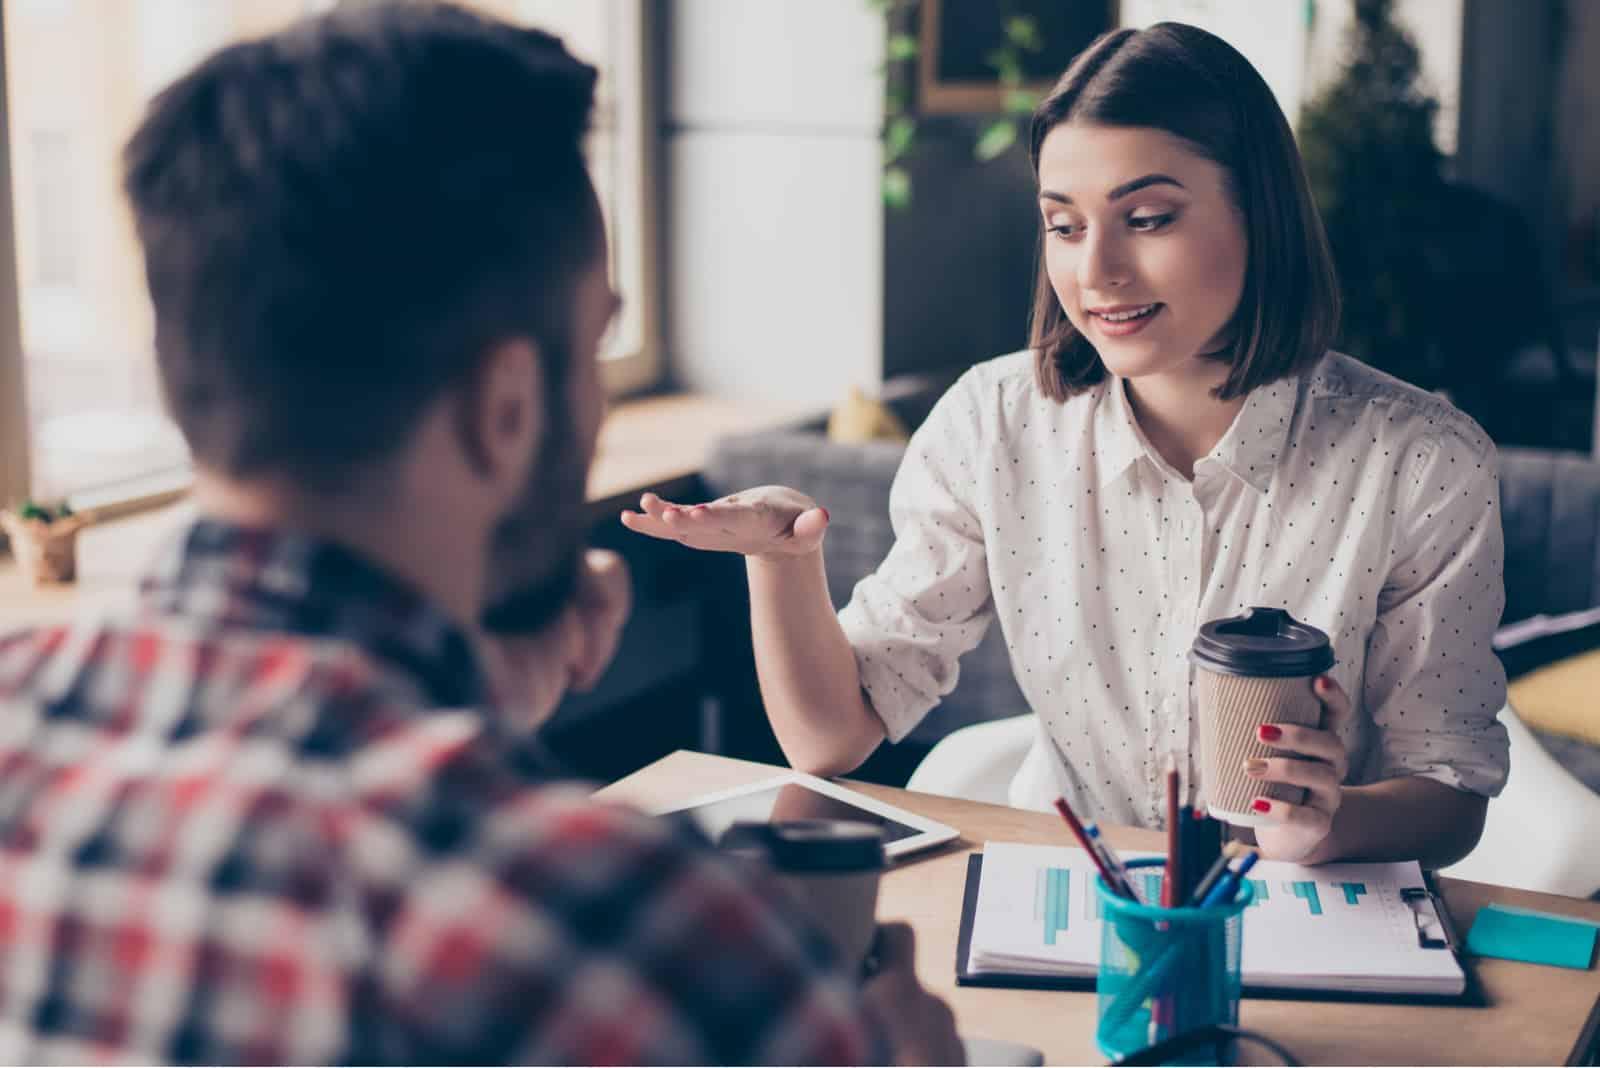 un homme et une femme s'assoient à une table et parlent